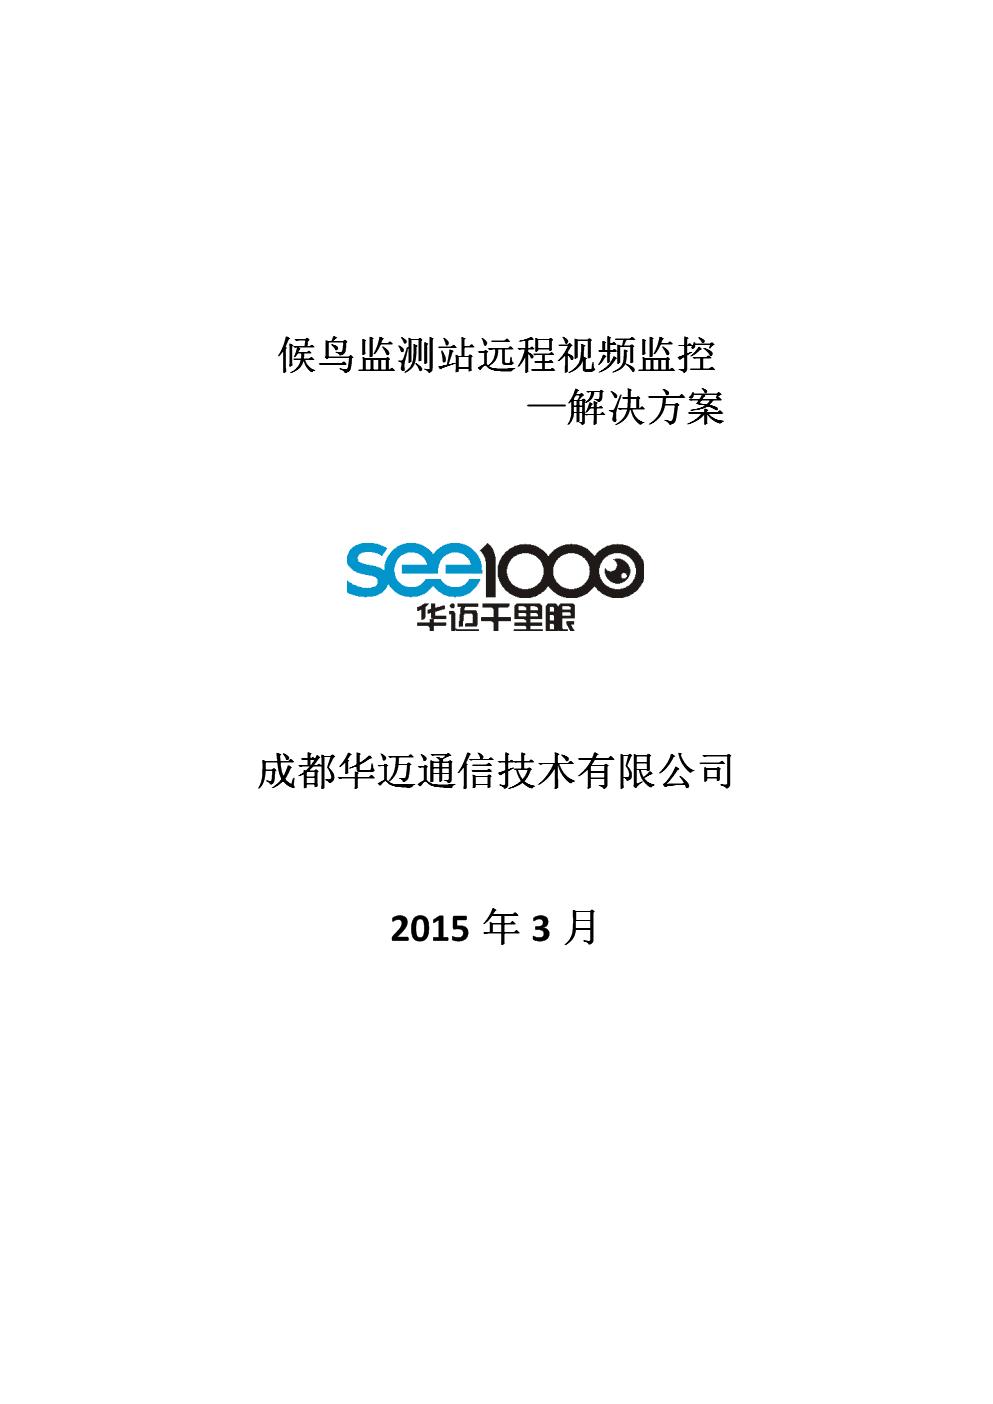 候鸟监测站远程视频监管解决方案.docx